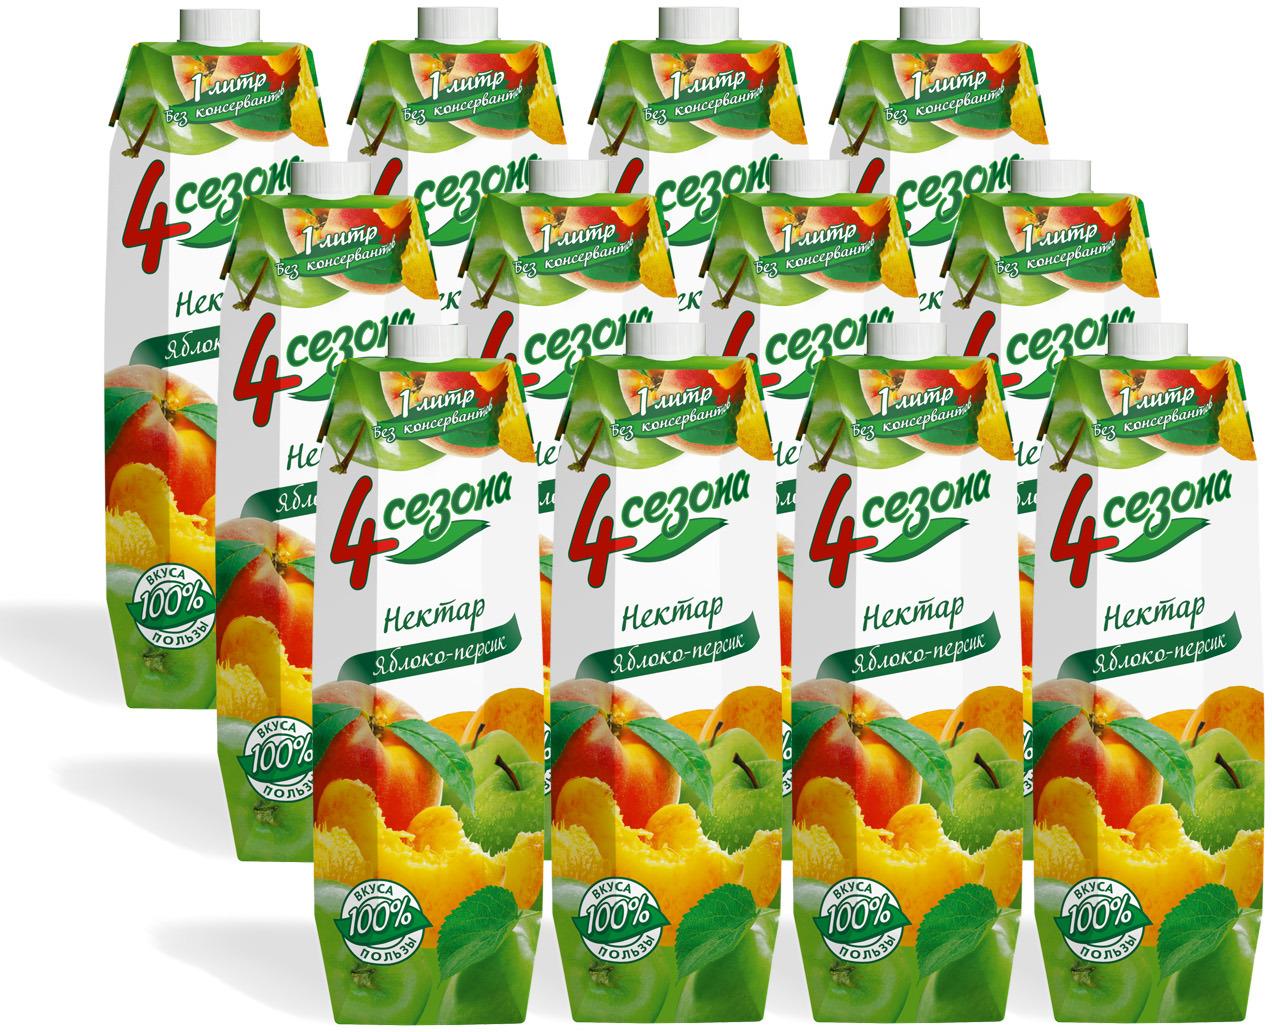 Нектар 4 сезона Яблоко - Персик, 12 шт по 1 л